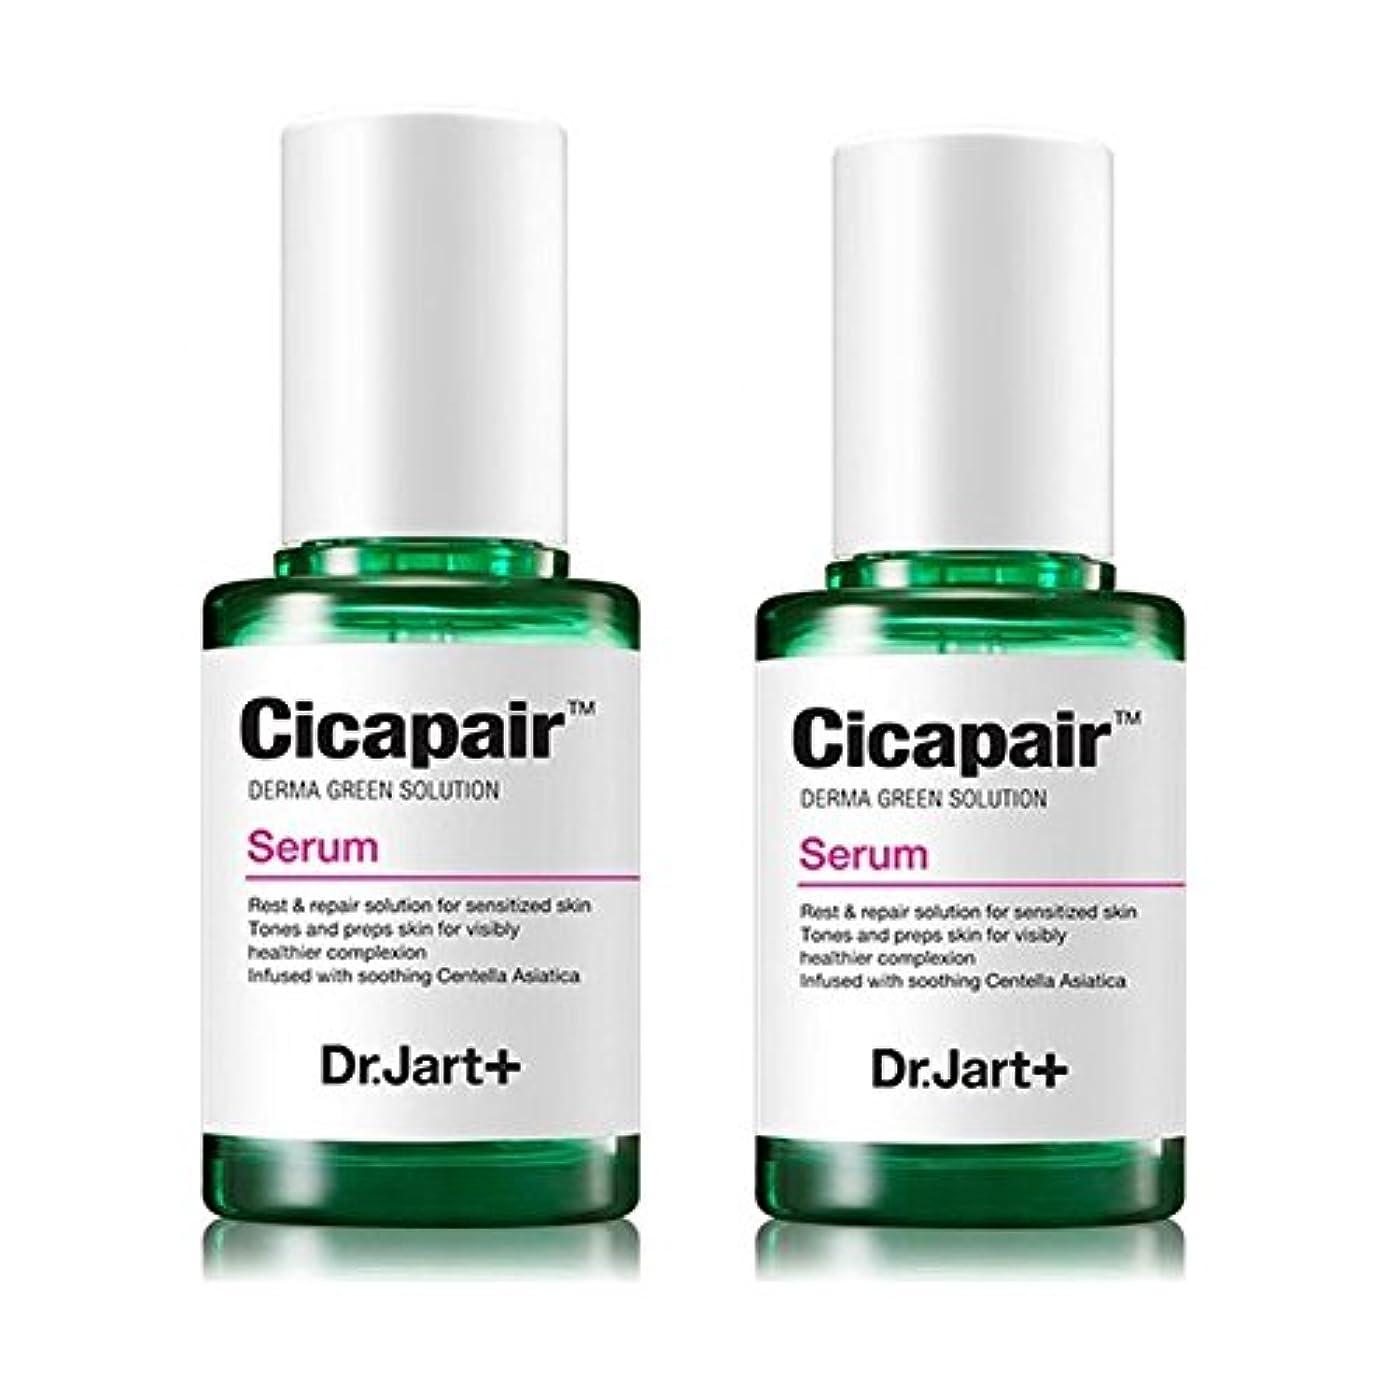 文言険しい慣性ドクタージャルトゥ(Dr.Jart+) シカゴフェアセラム 30ml x 2本セット、Dr.Jart+ Cicapair Serum 30ml x 2ea Set [並行輸入品]